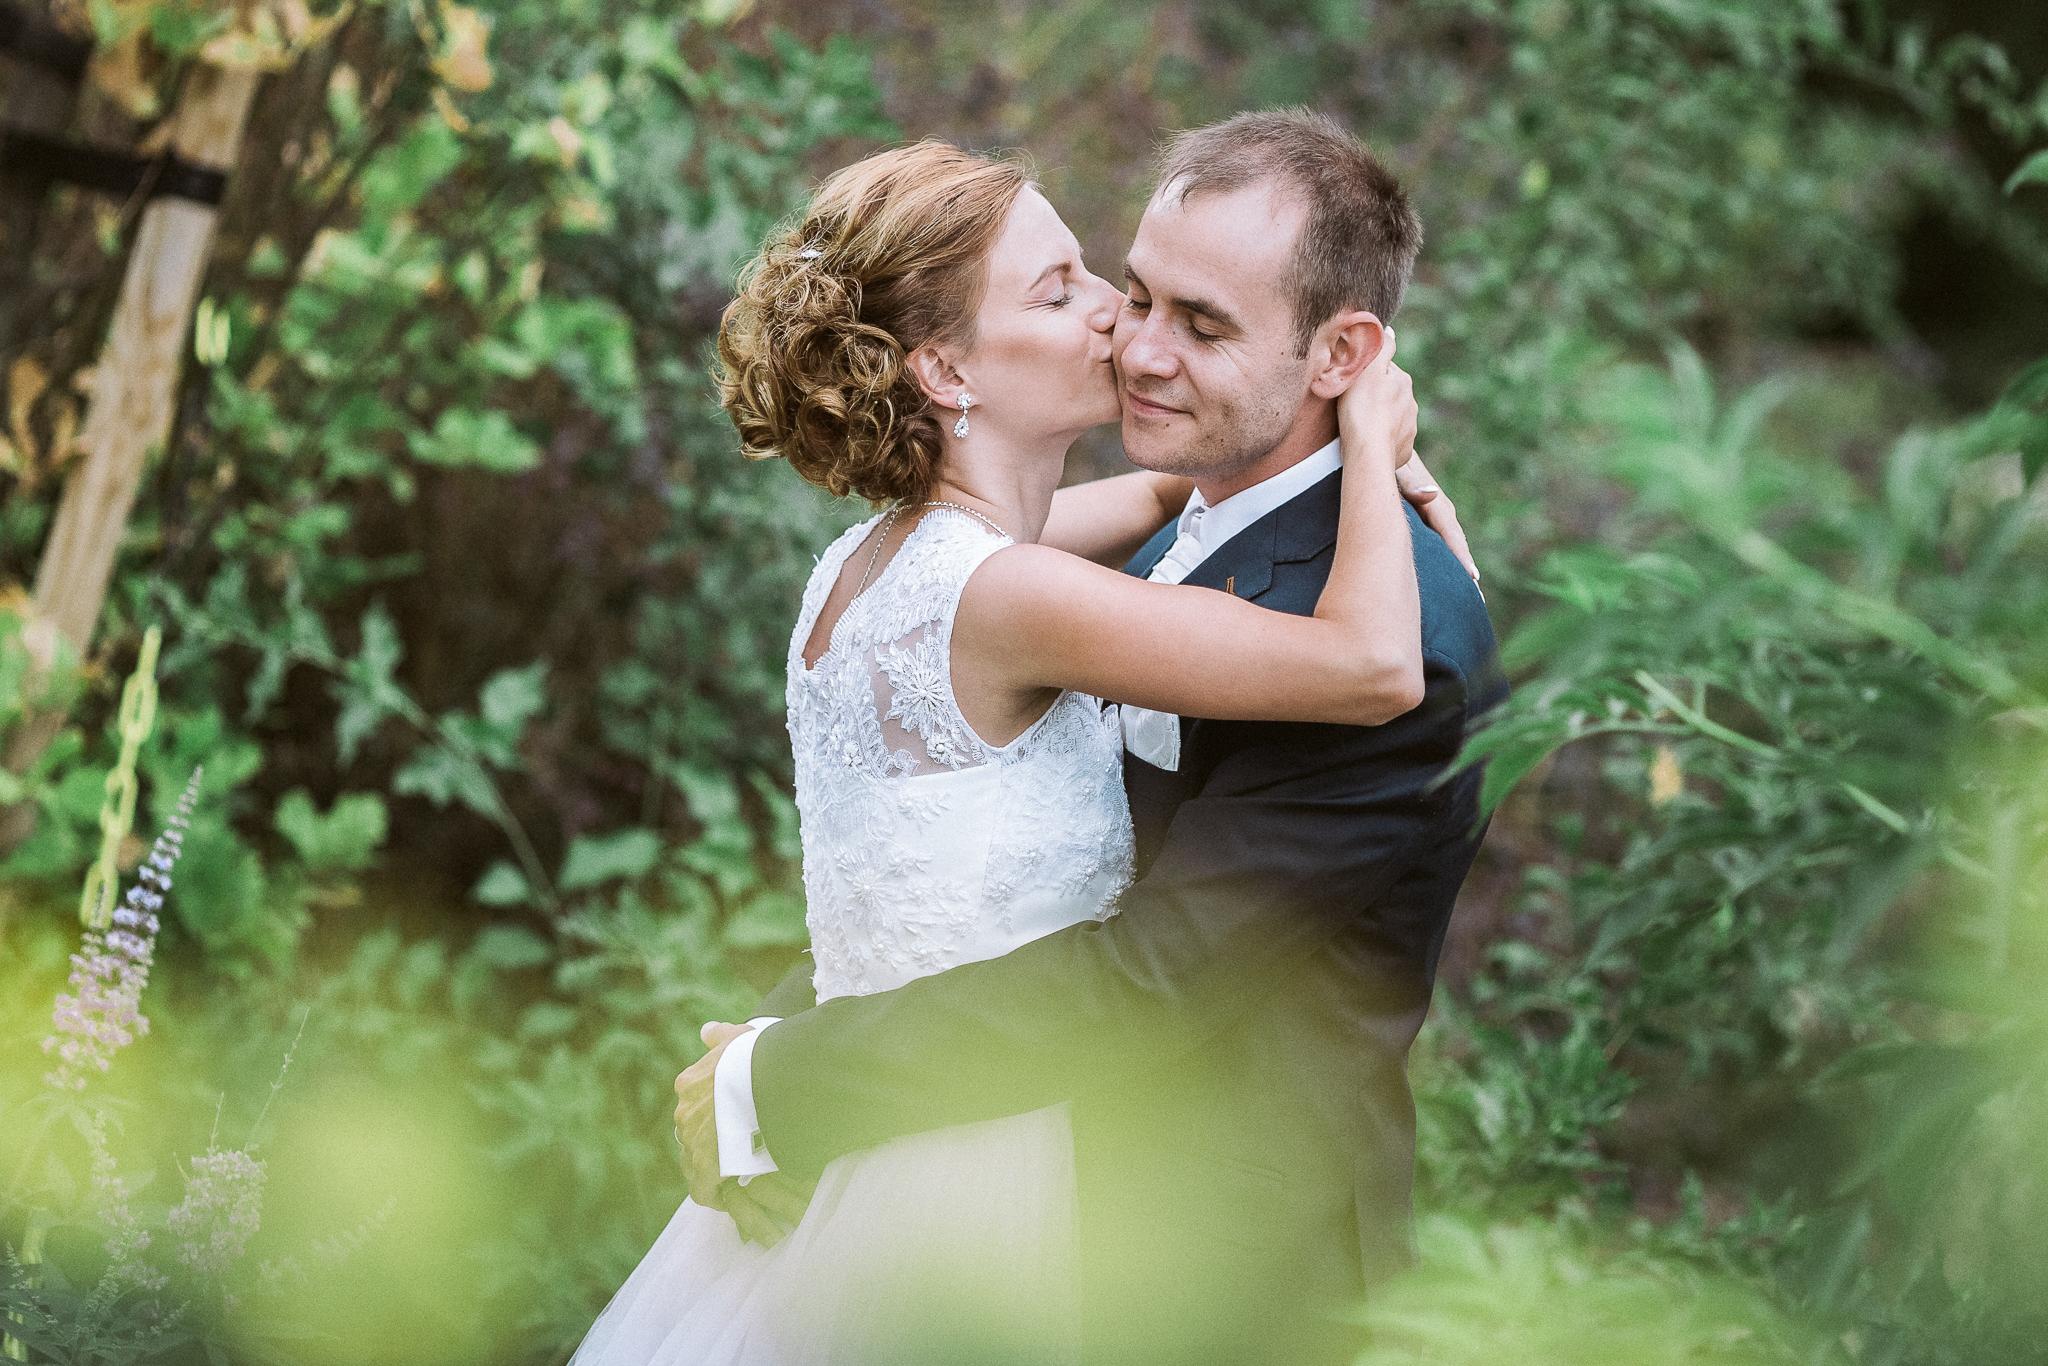 FylepPhoto, esküvőfotós, esküvői fotós Körmend, Szombathely, esküvőfotózás, magyarország, vas megye, prémium, jegyesfotózás, Fülöp Péter, körmend, kreatív, fotográfus_44-2.jpg